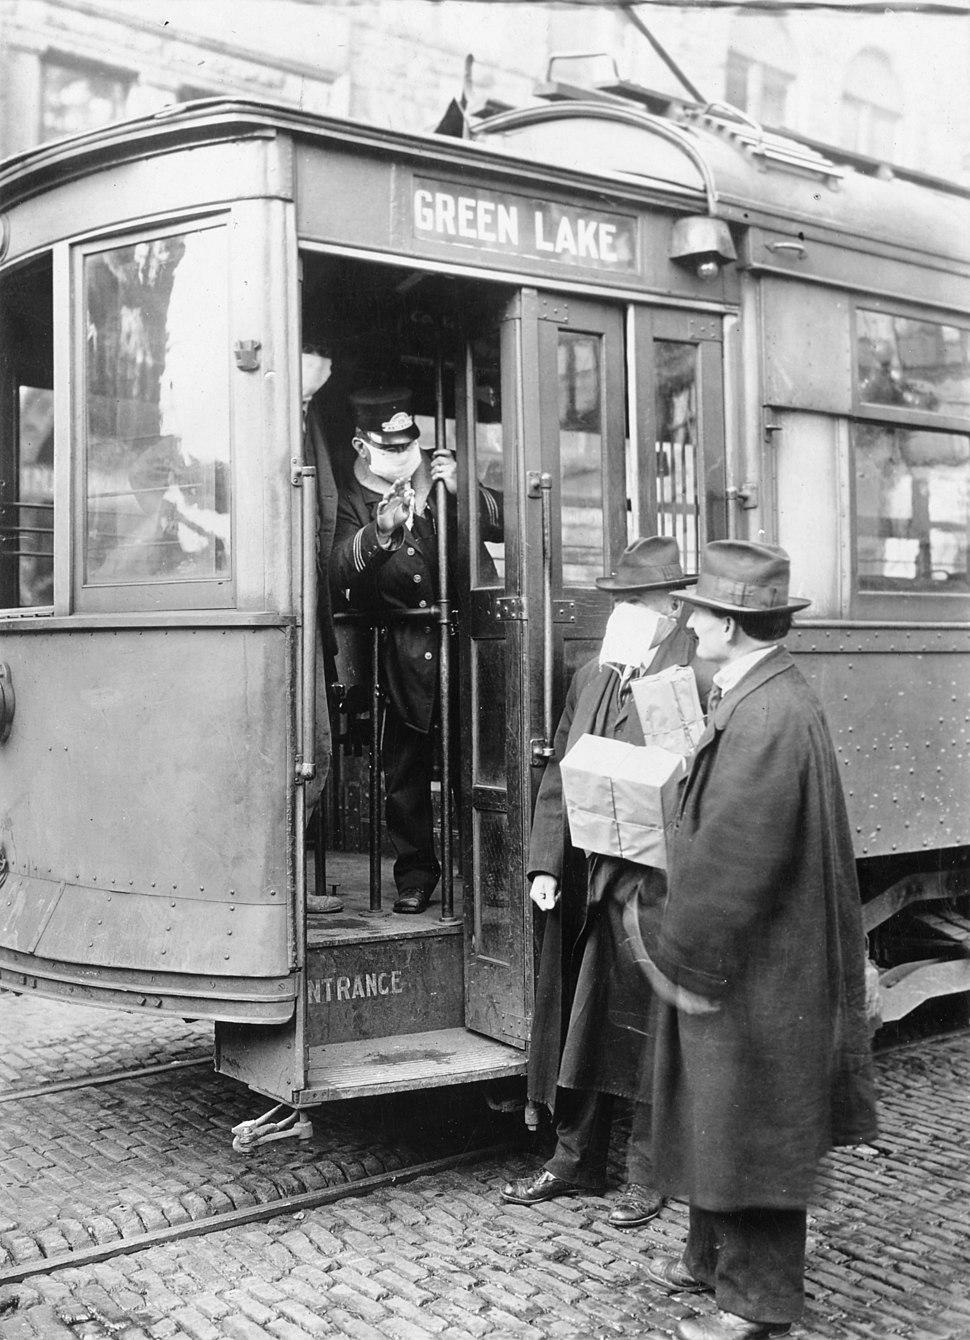 165-WW-269B-11-trolley-l